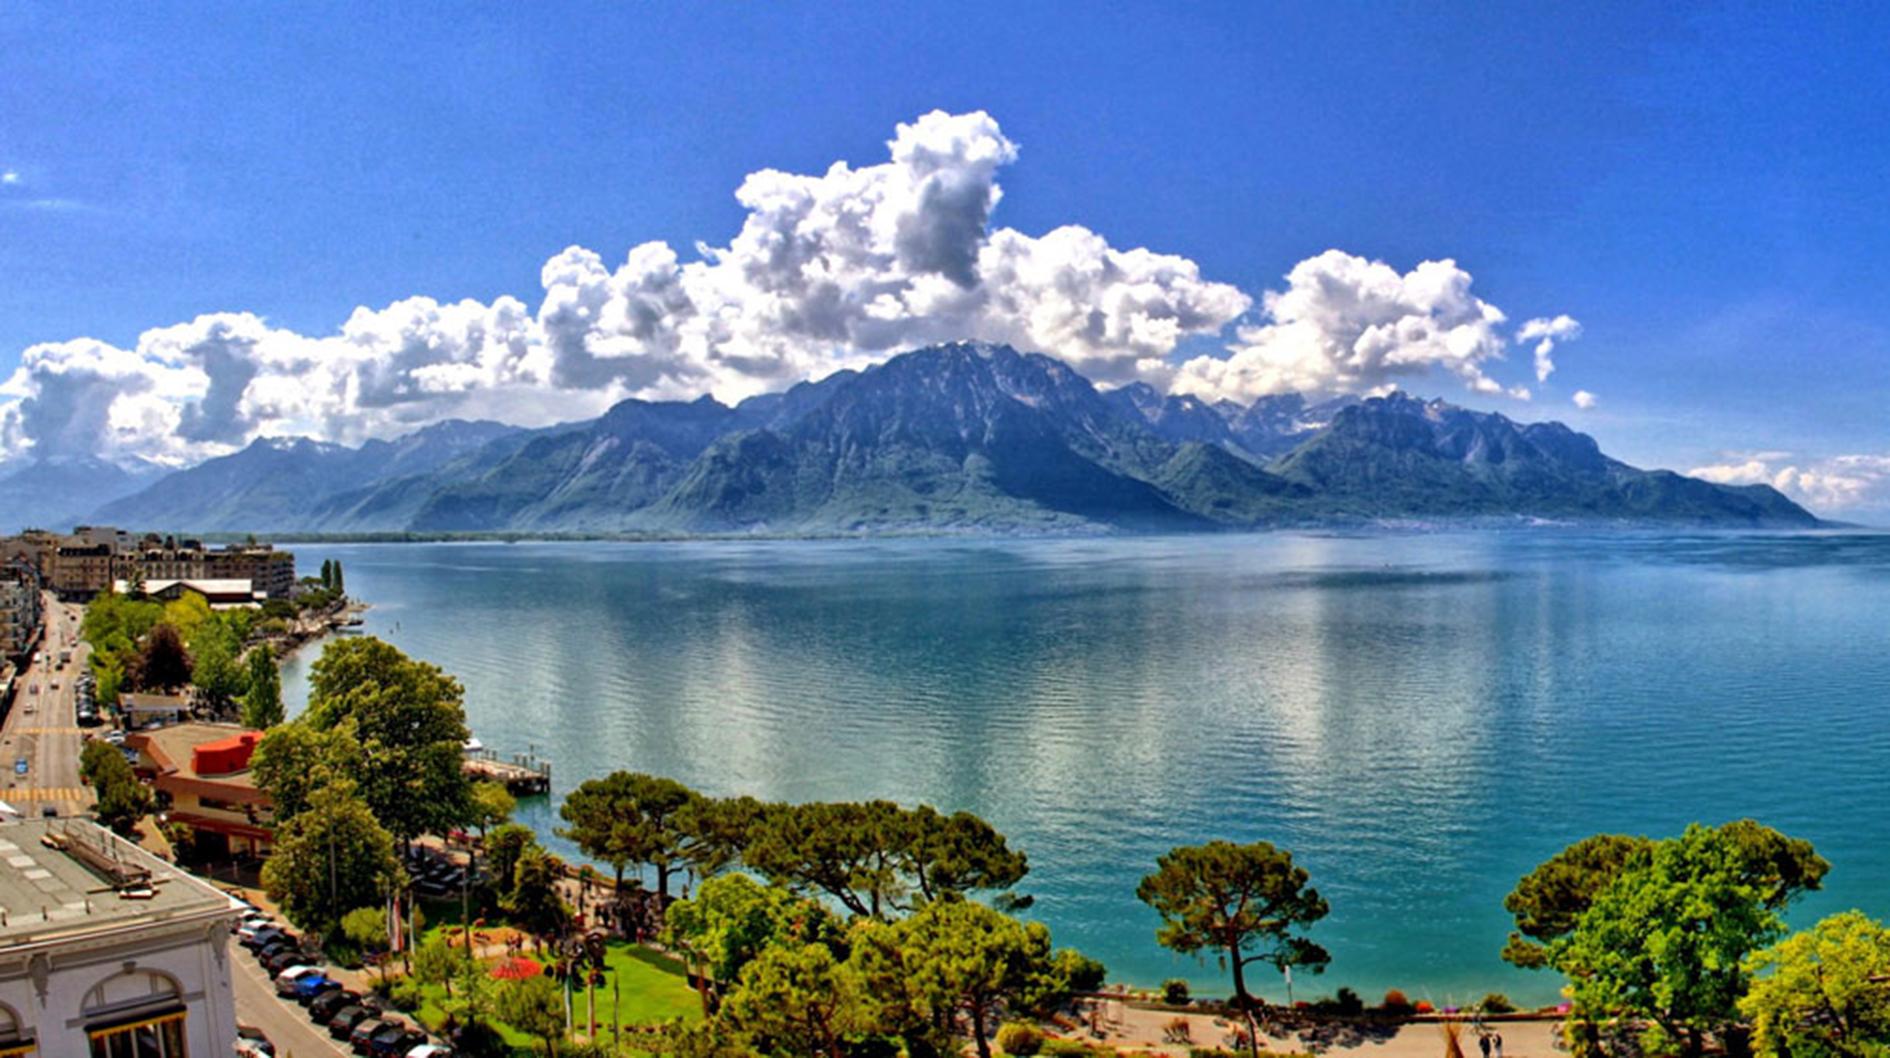 Montreux_11020